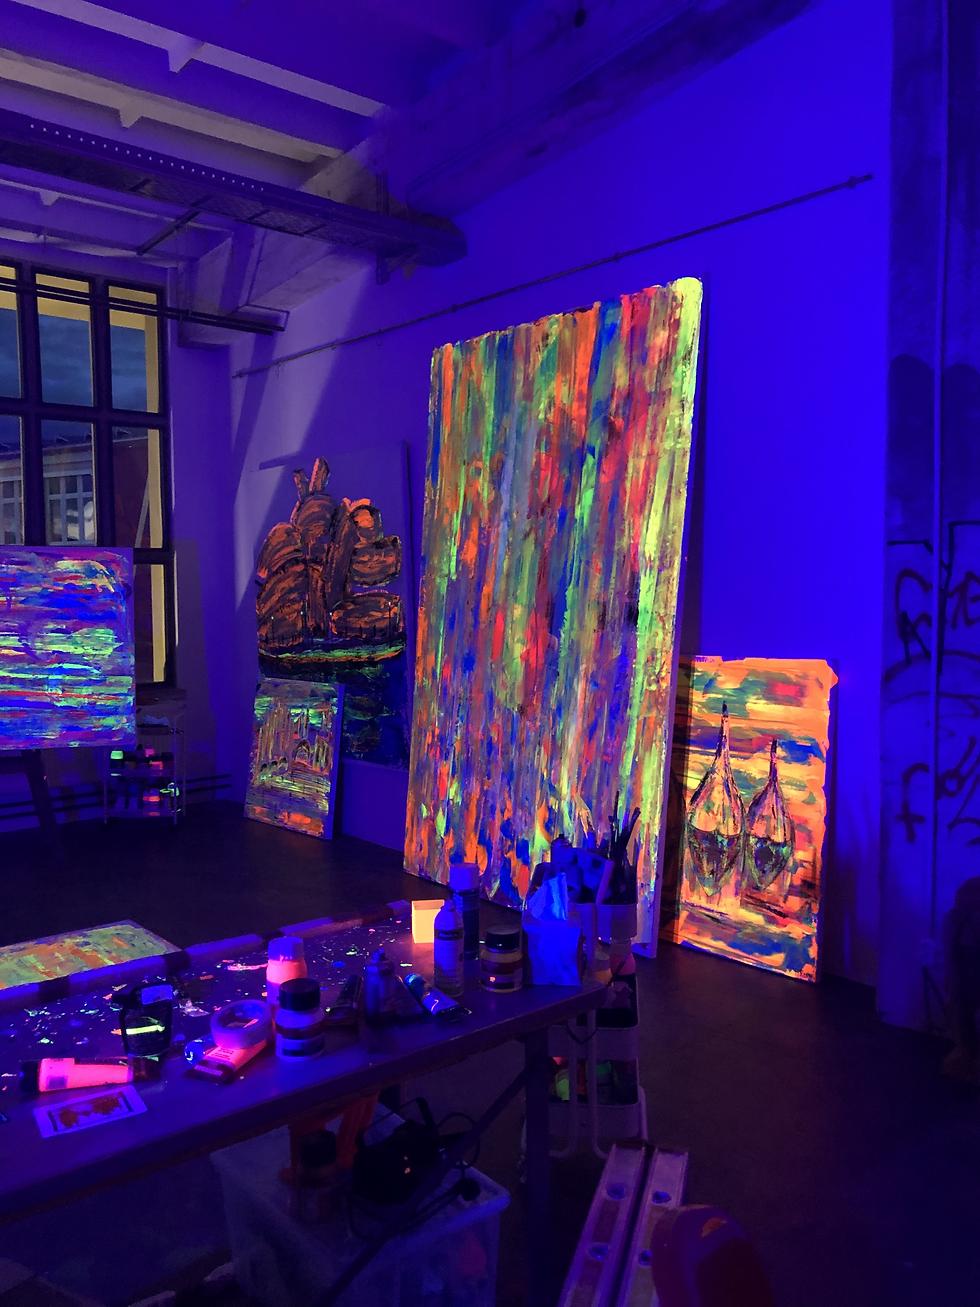 Bunte Bilder mit fluoriszierenden Farben ausgestellt